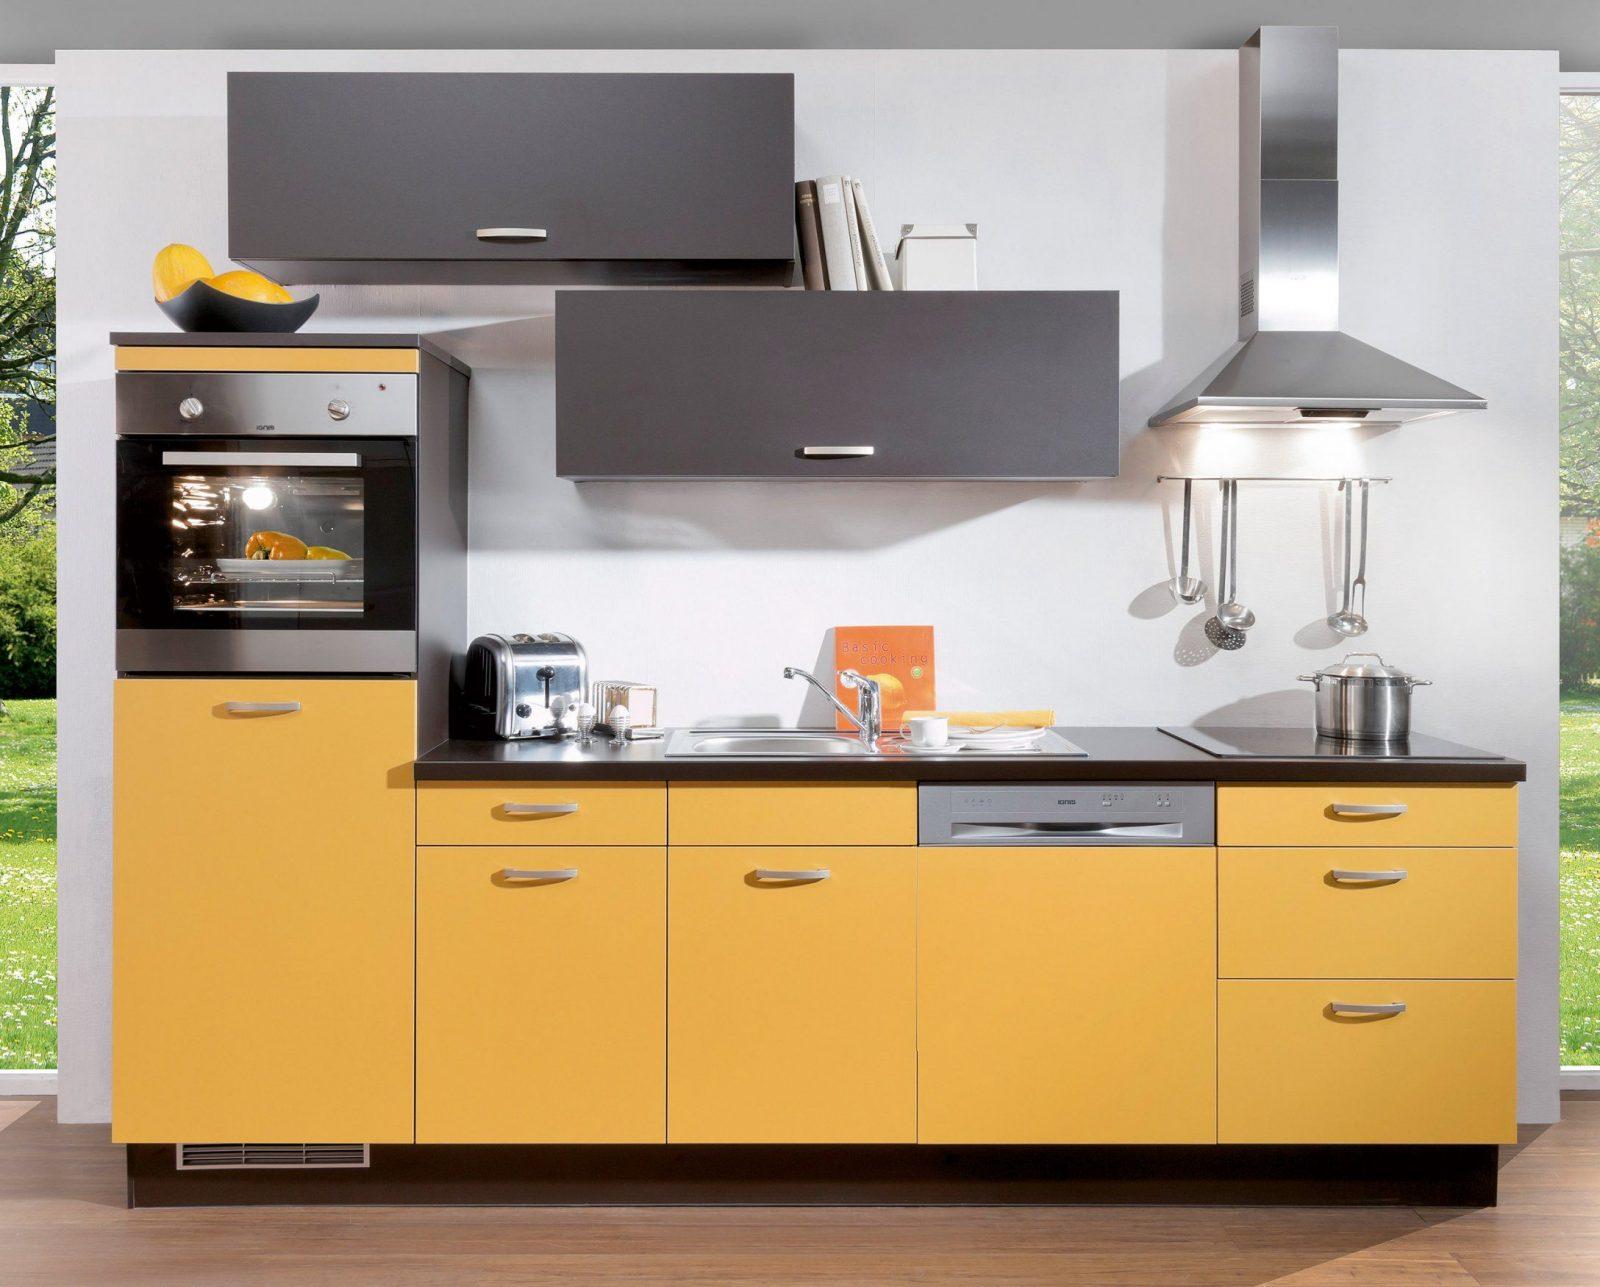 Einbaukuchen Mit Elektrogeraten Ikea Haus Design Ideen